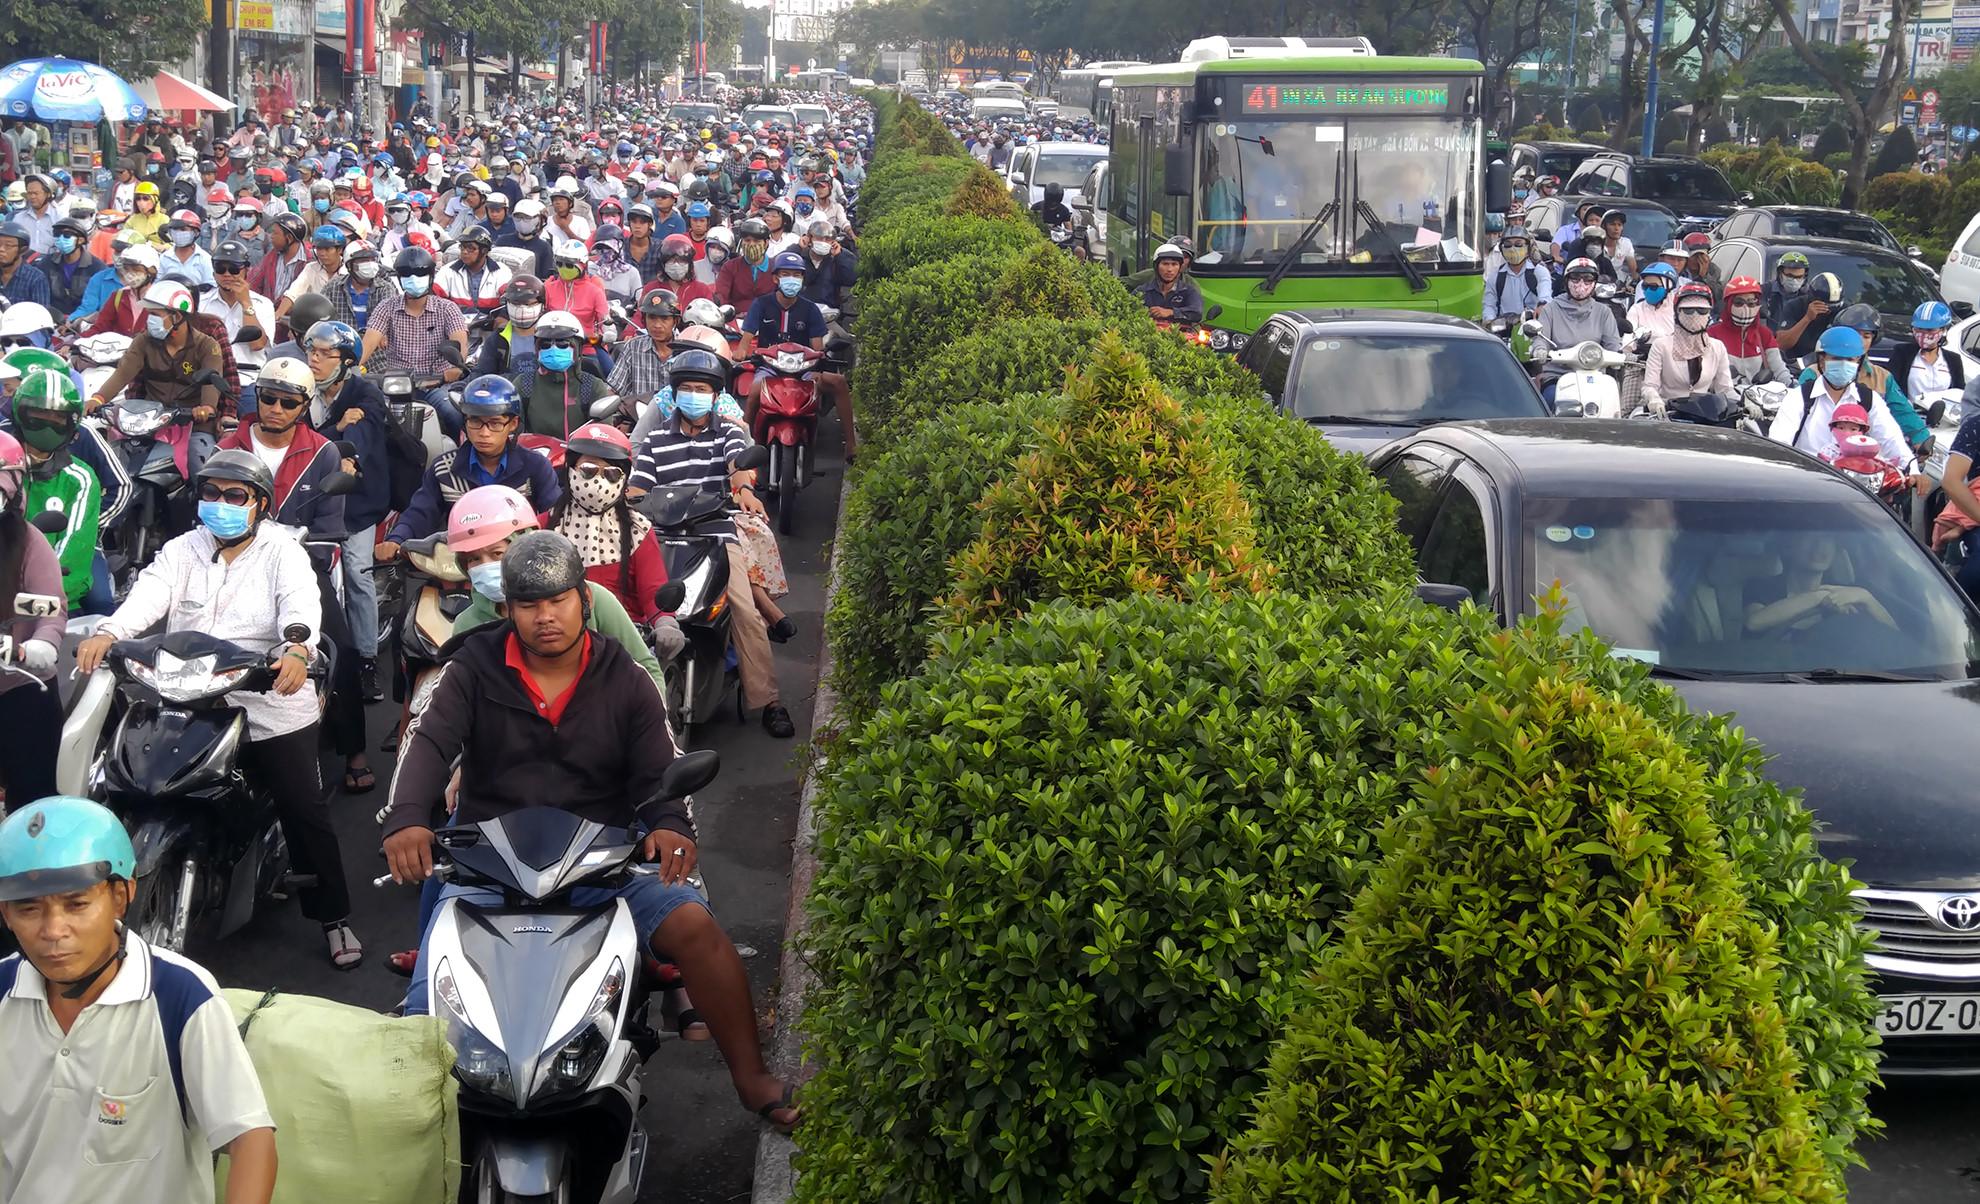 Chuyên gia đề xuất cấm xe máy để giảm ùn tắc ở Sài Gòn